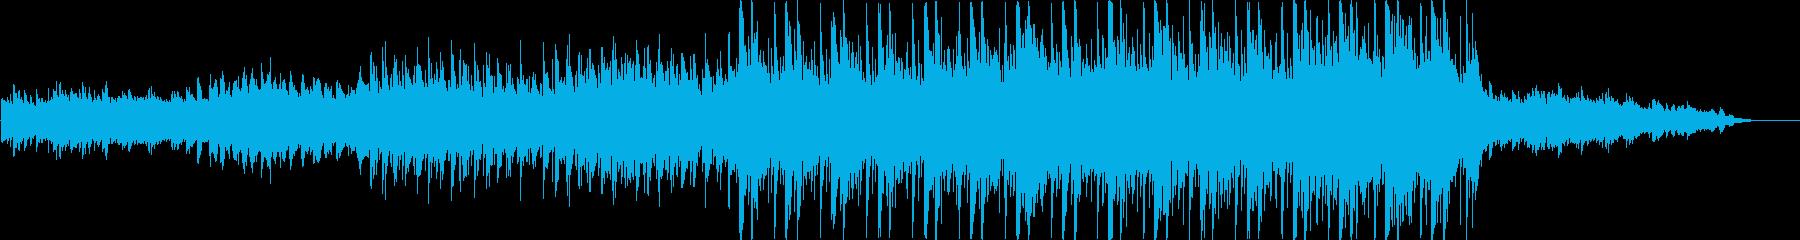 ドラマチックで緊張感のあるサウンドの再生済みの波形